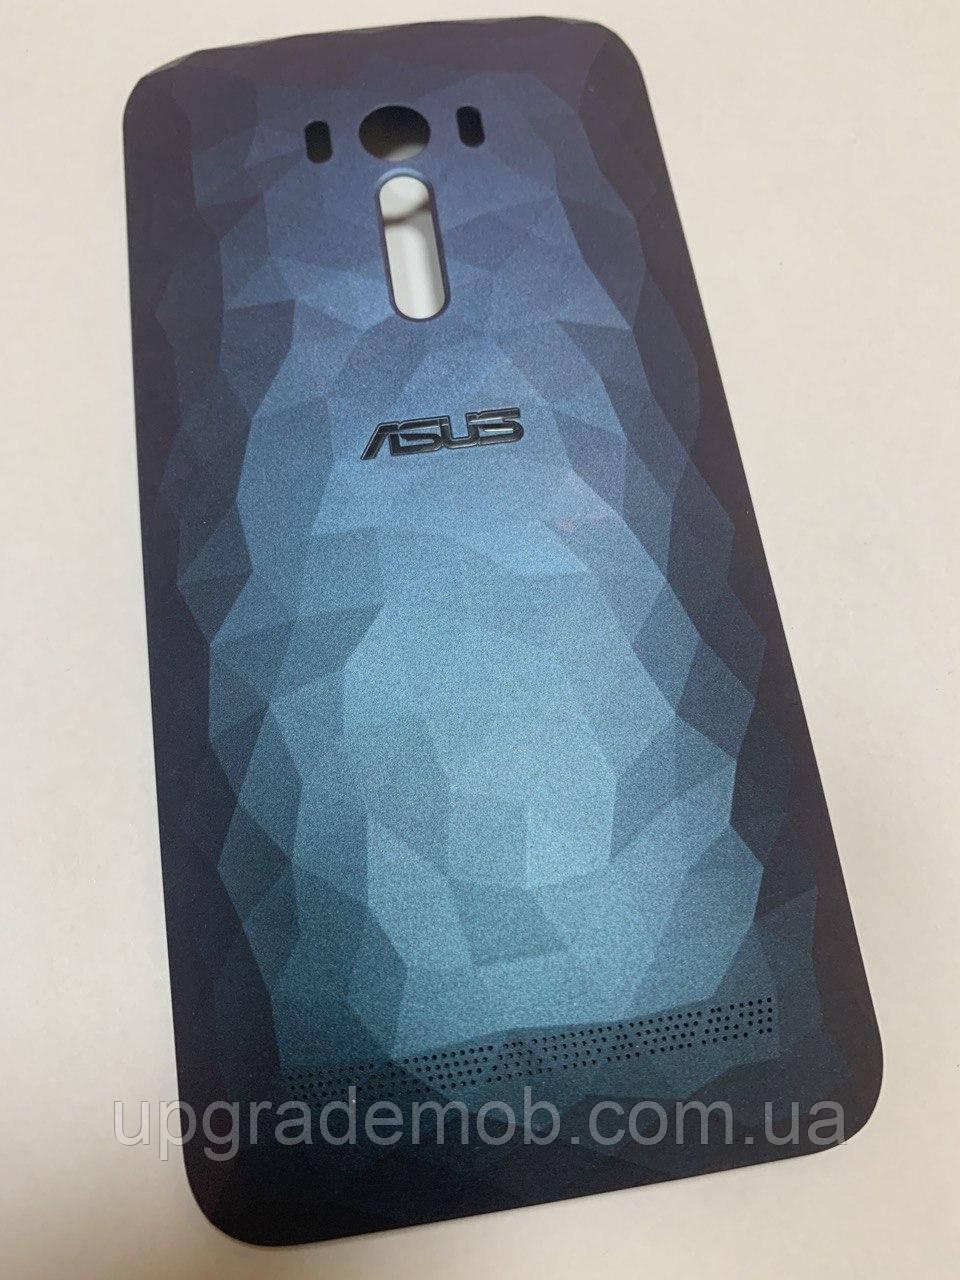 Задняя крышка Asus ZenFone Selfie ZD551KL, фиолетовая, оригинал